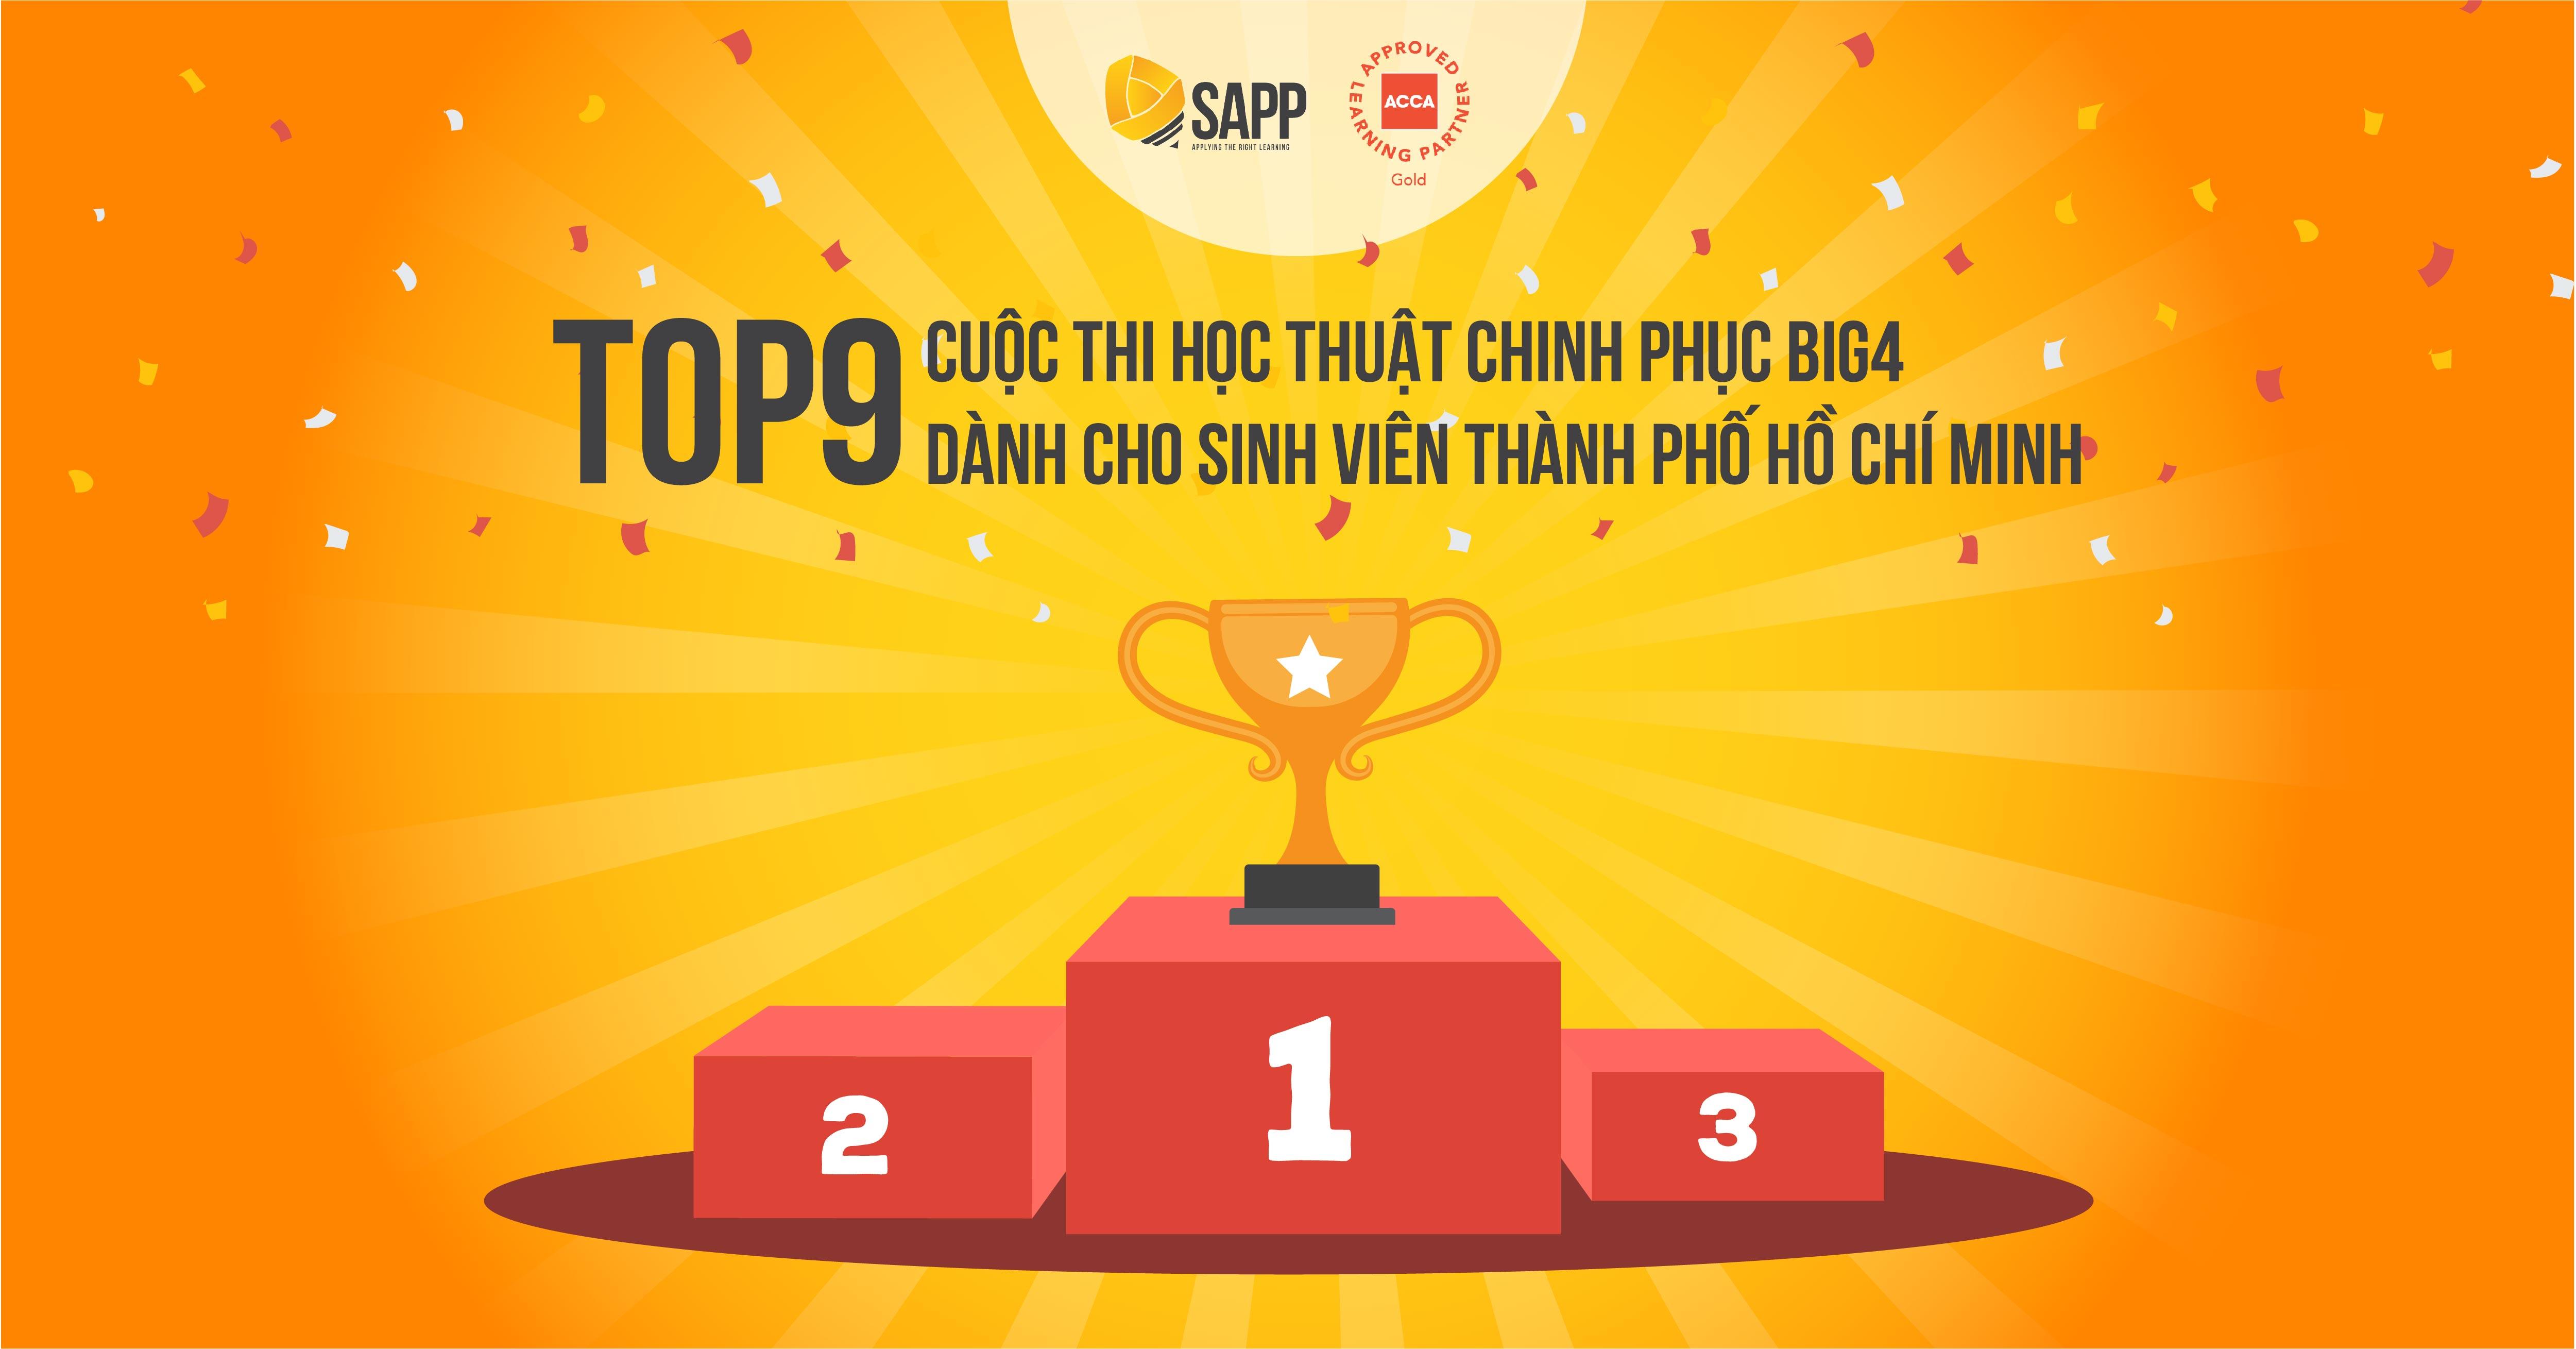 TOP 9 Cuộc Thi Học Thuật Chinh Phục BIG4 Dành Cho Sinh Viên TP. HCM